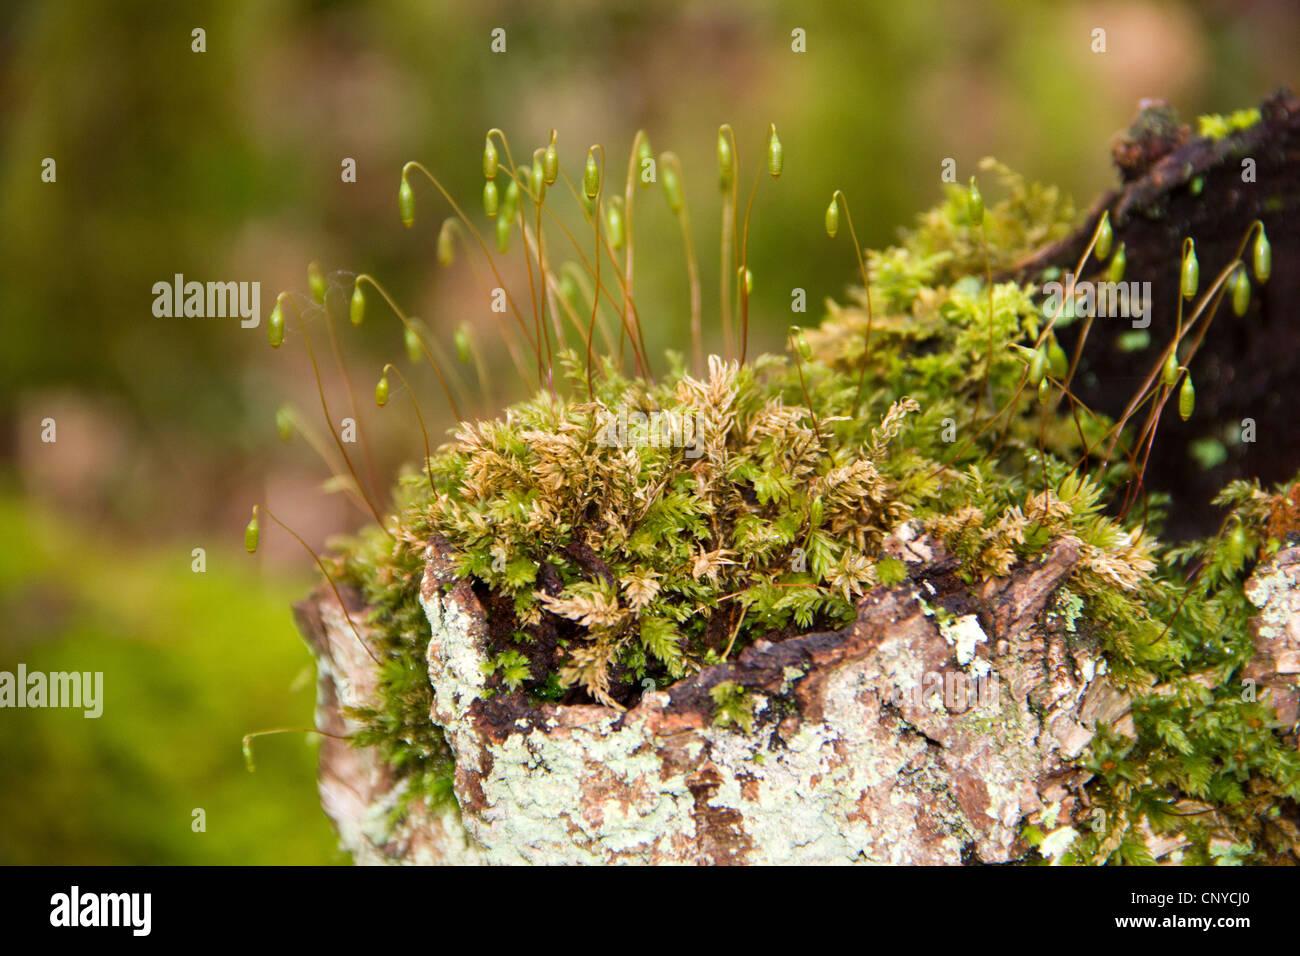 moos pflanzen mit spore kapseln in holz von cree in galloway schottland stockfoto bild. Black Bedroom Furniture Sets. Home Design Ideas